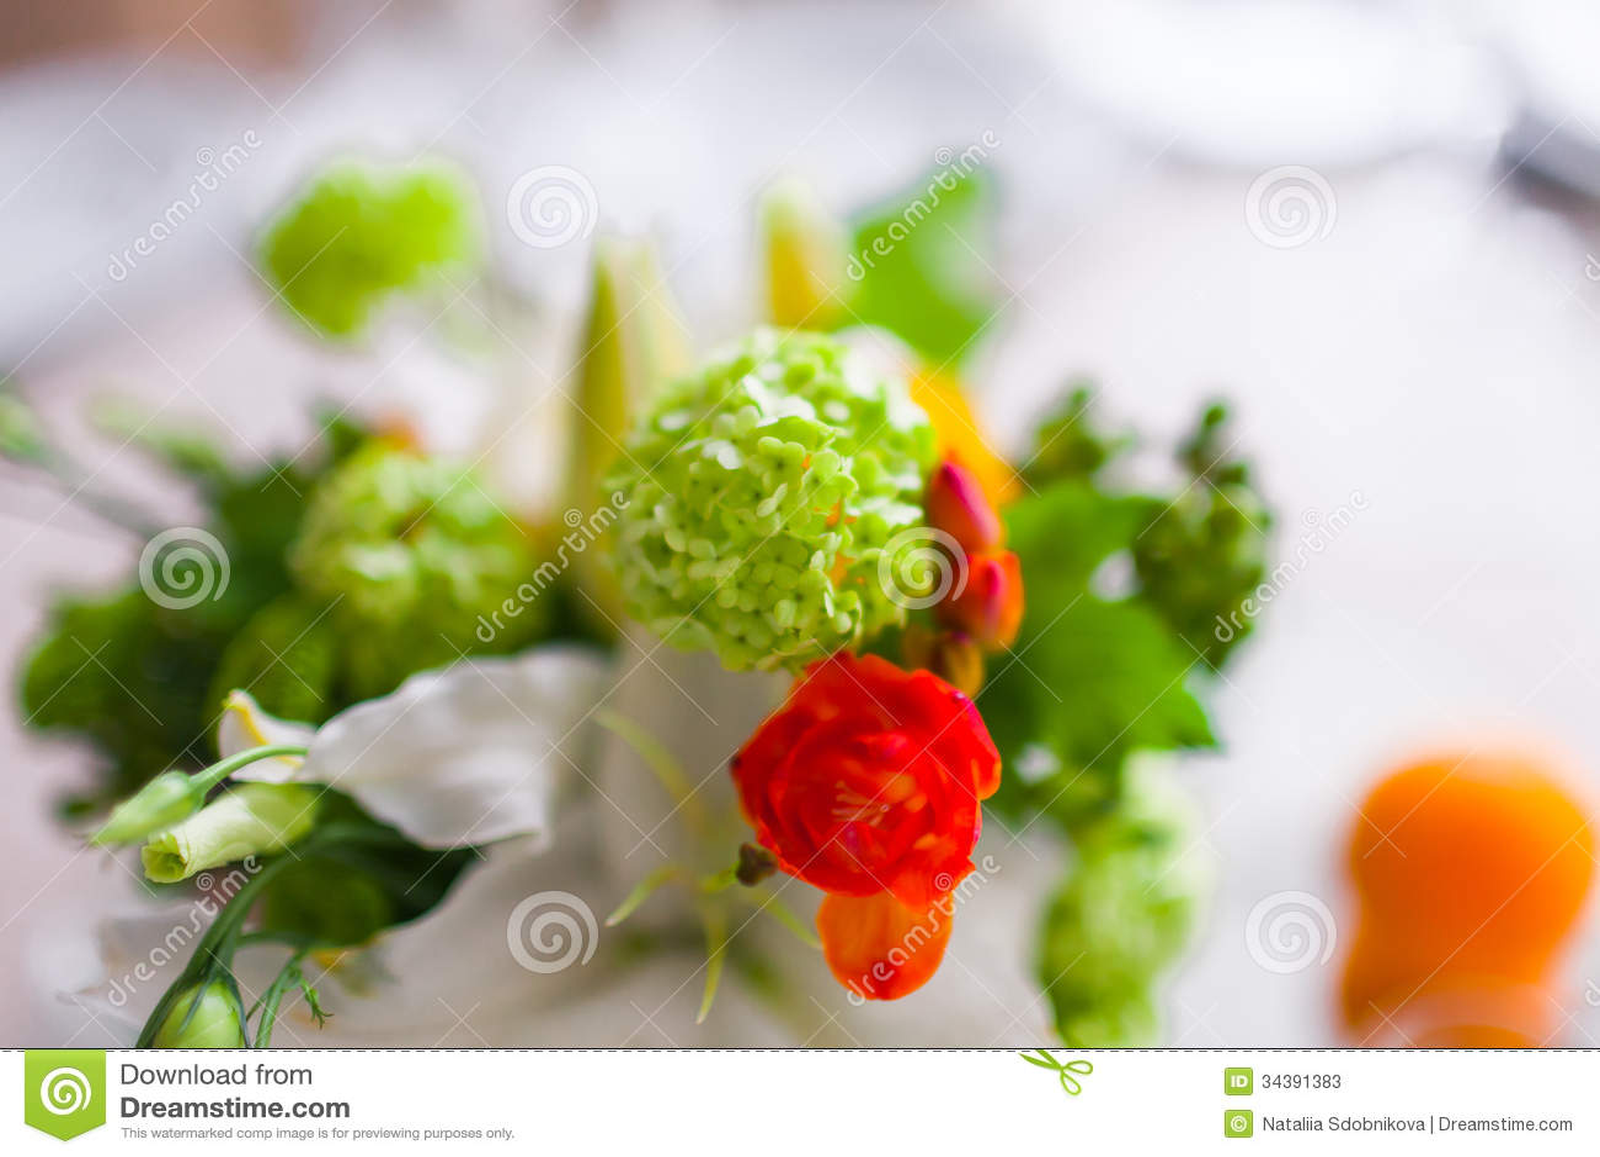 dekoration mit blumen und frucht stockbild bild 34391383. Black Bedroom Furniture Sets. Home Design Ideas